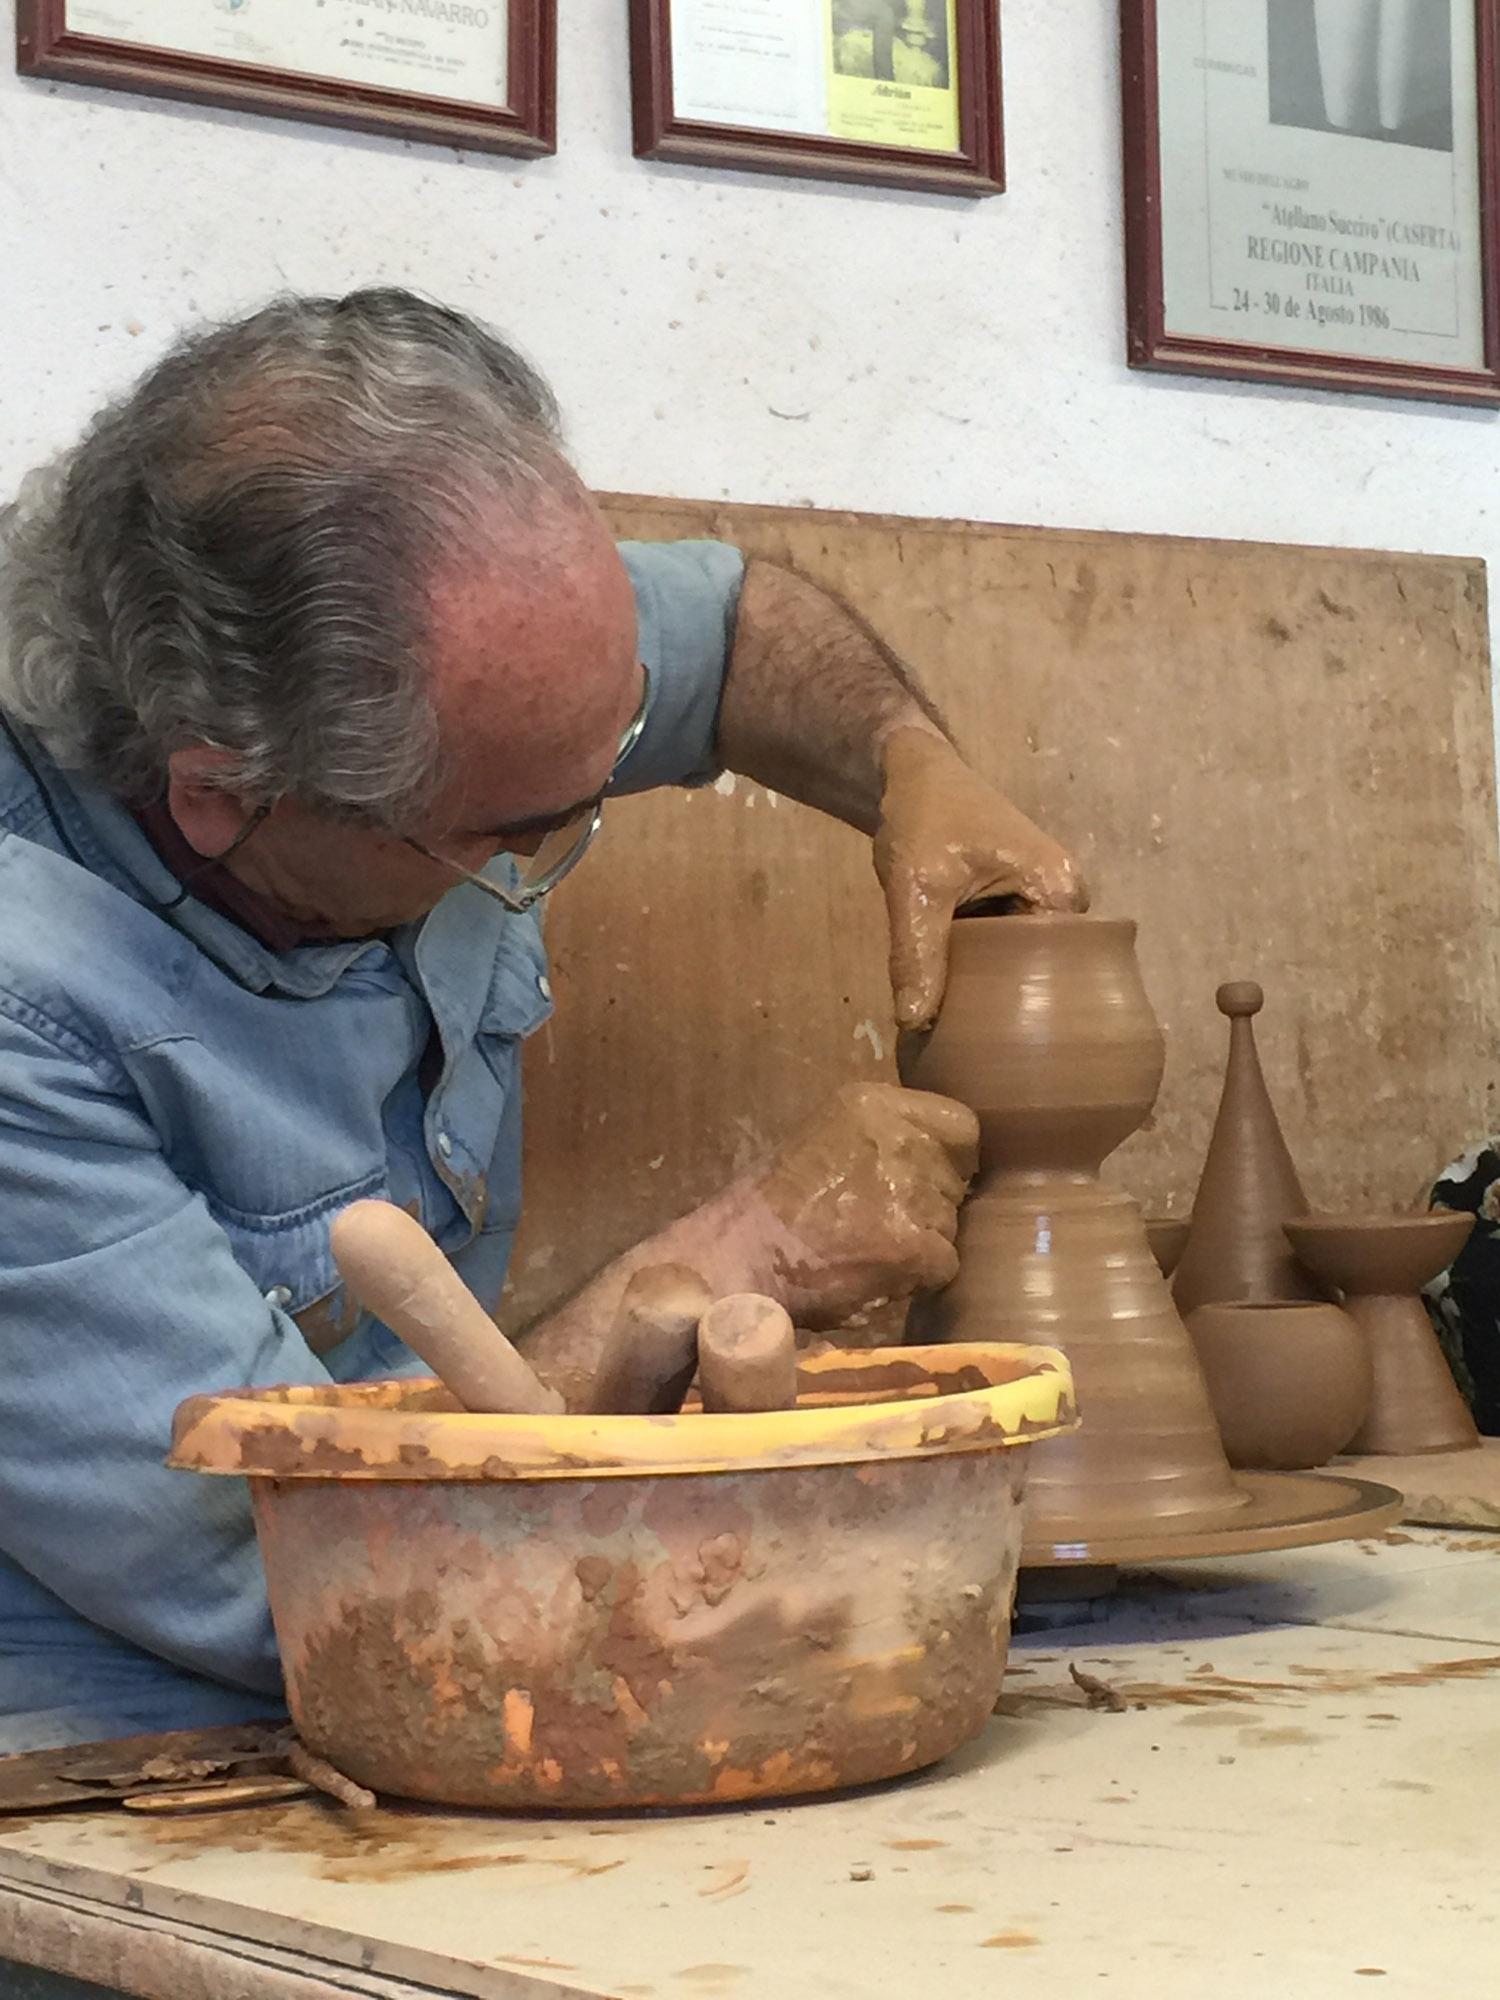 iNSIDE_ES_PotteryCuenca_web.jpg